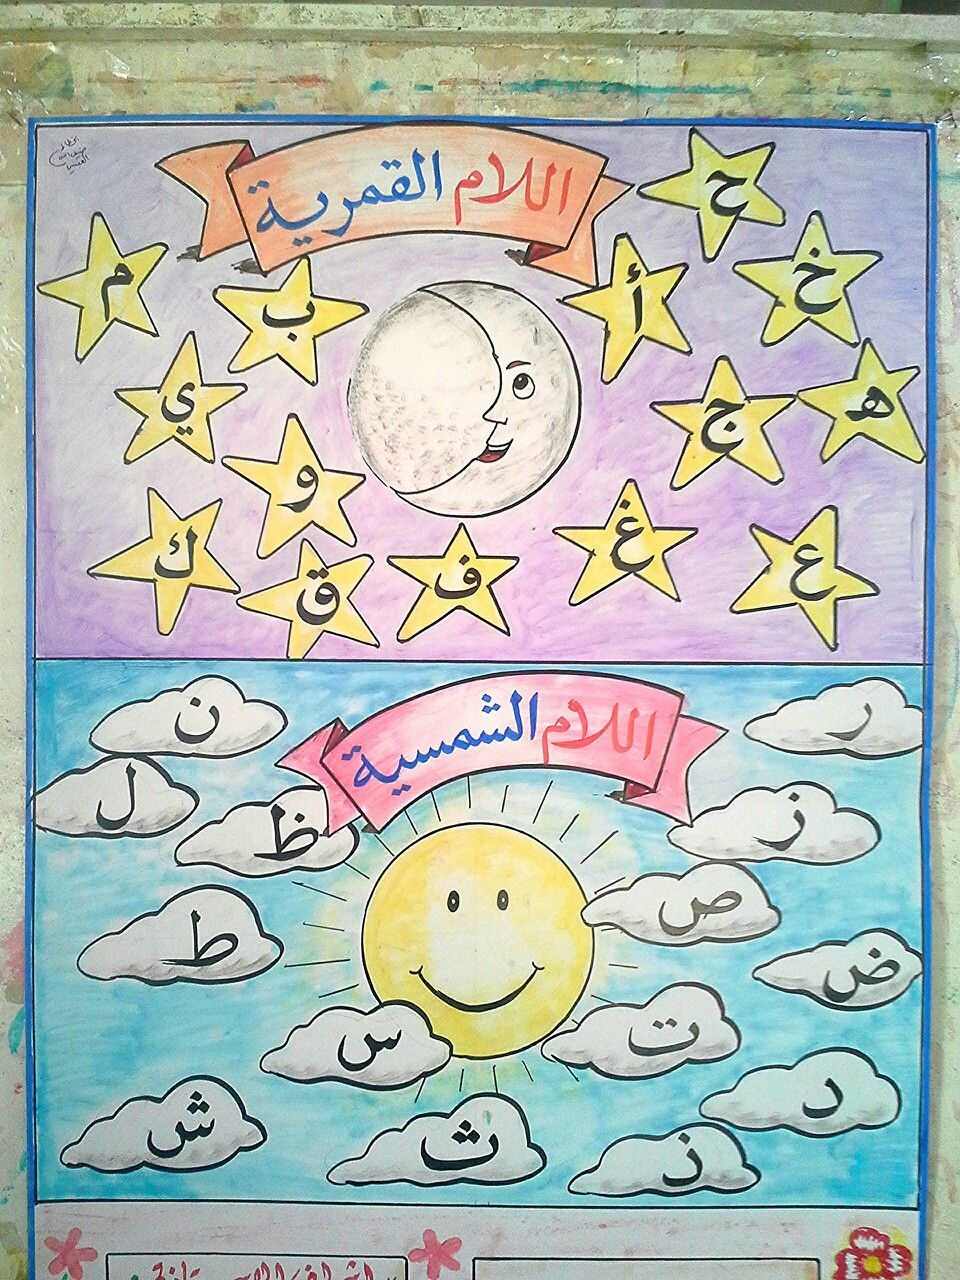 اللام الشمسية واللام القمرية Learning Arabic Islamic Kids Activities Arabic Kids